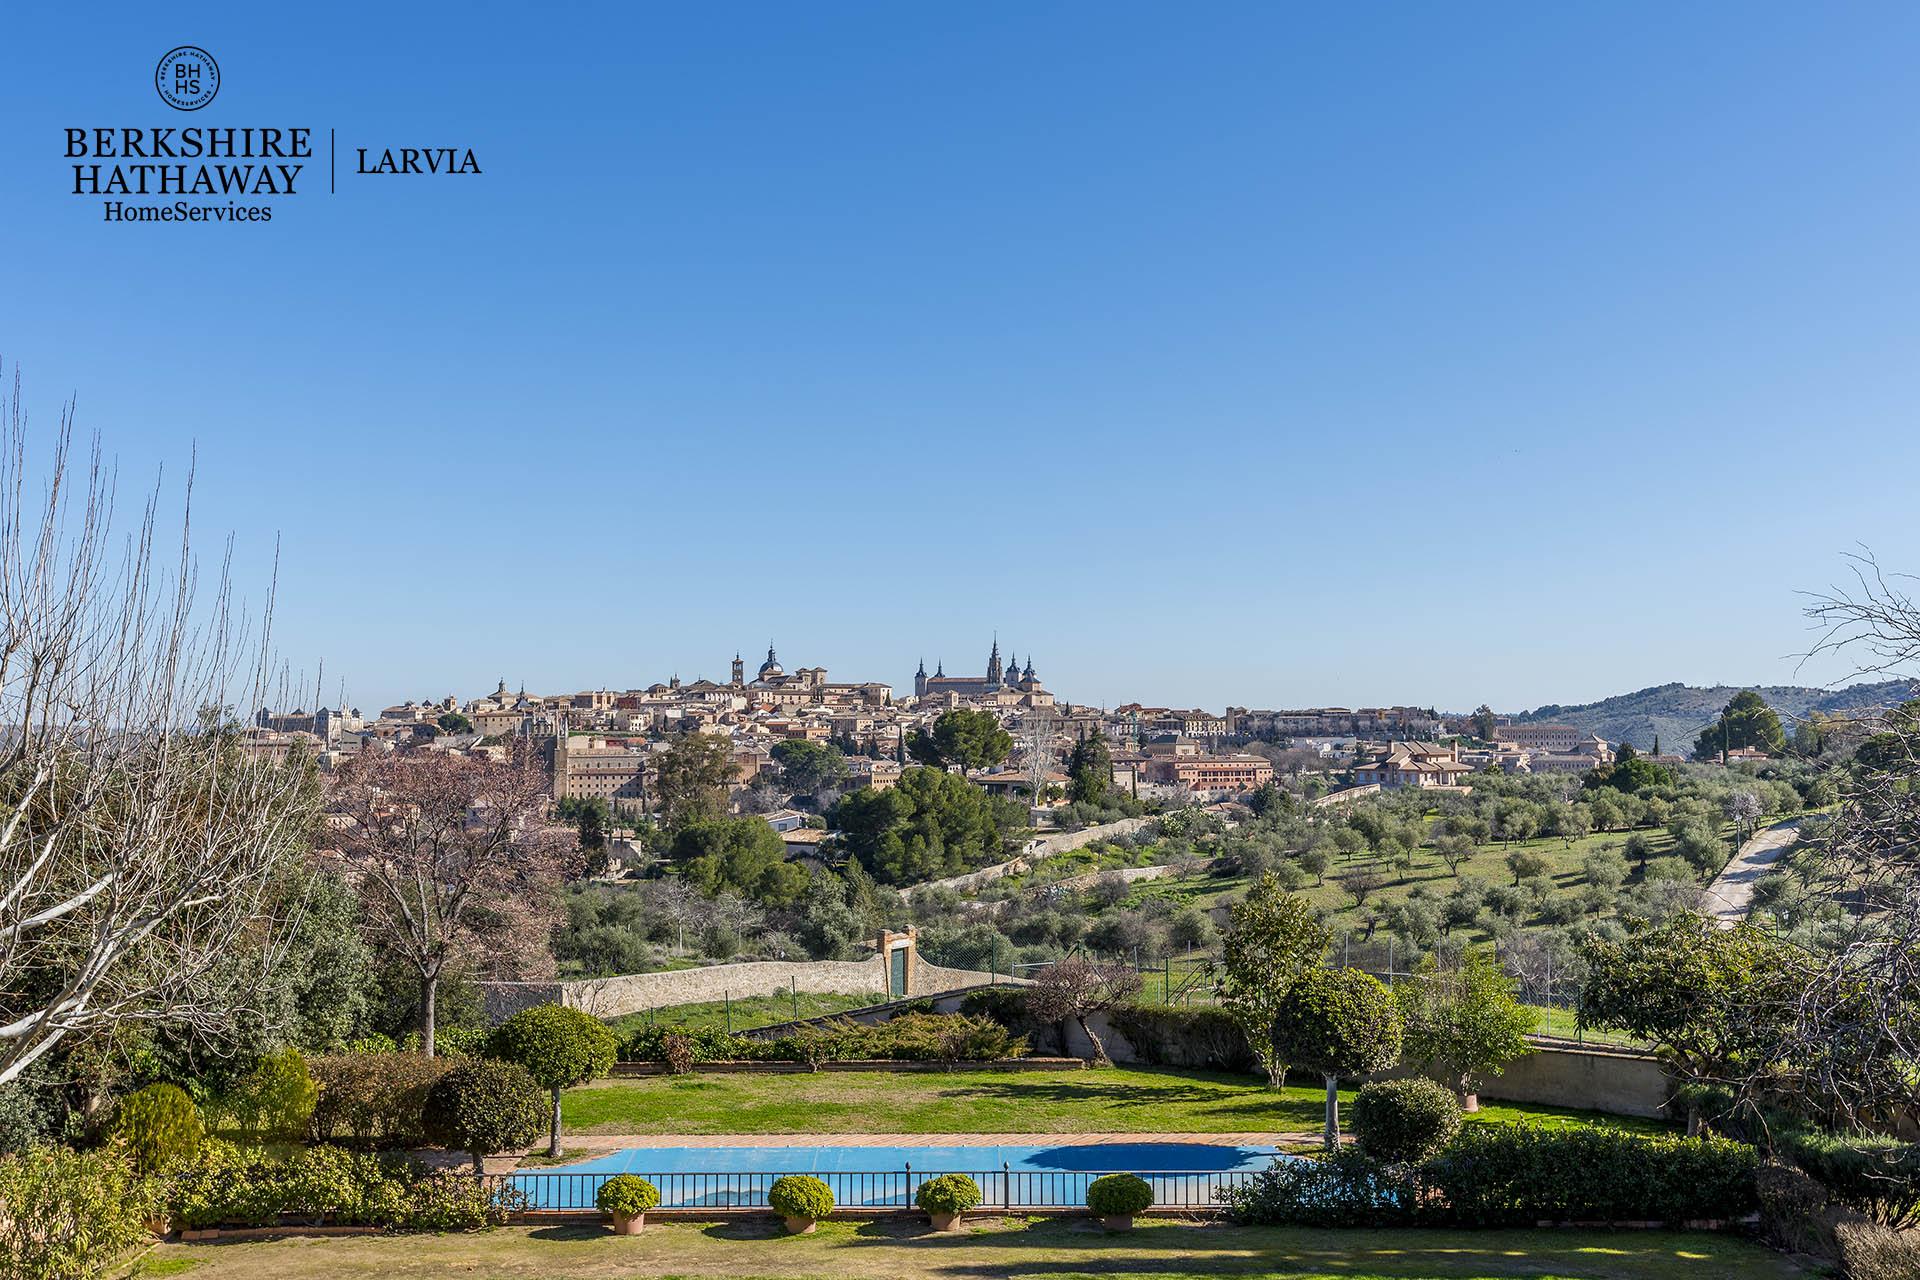 Cuenta con unas vistas espectaculares a la ciudad